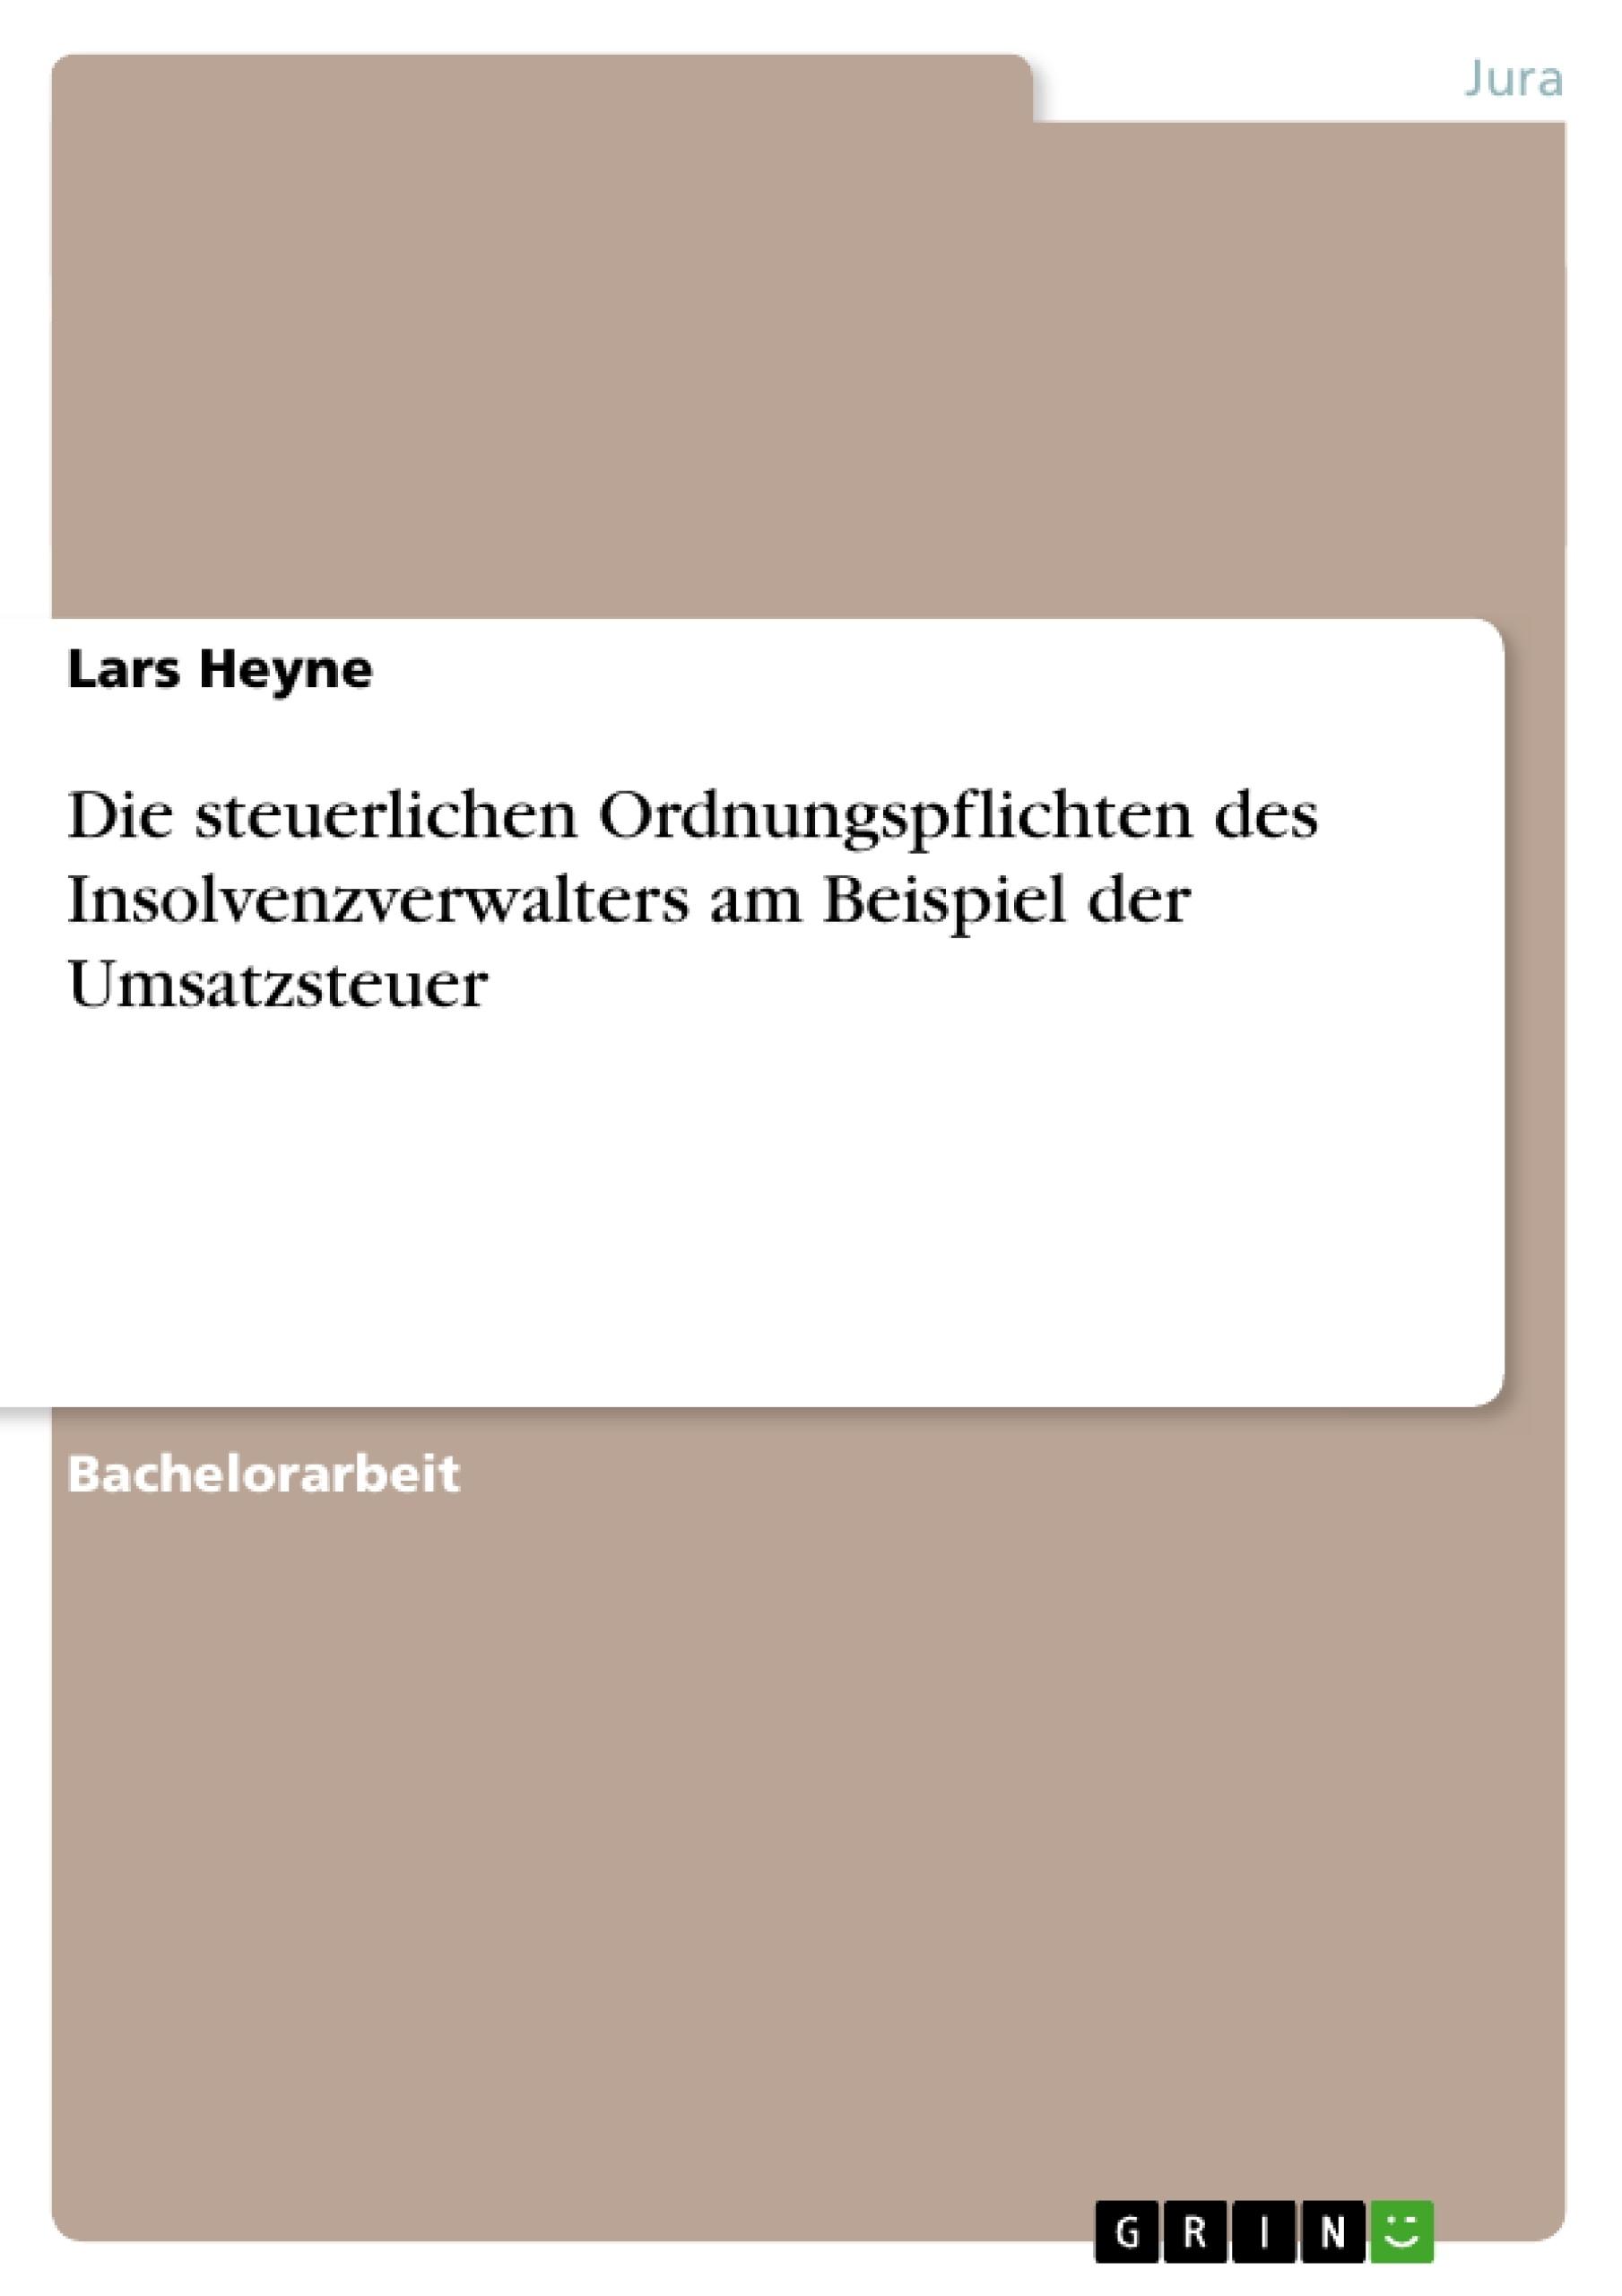 Titel: Die steuerlichen Ordnungspflichten des Insolvenzverwalters am Beispiel der Umsatzsteuer